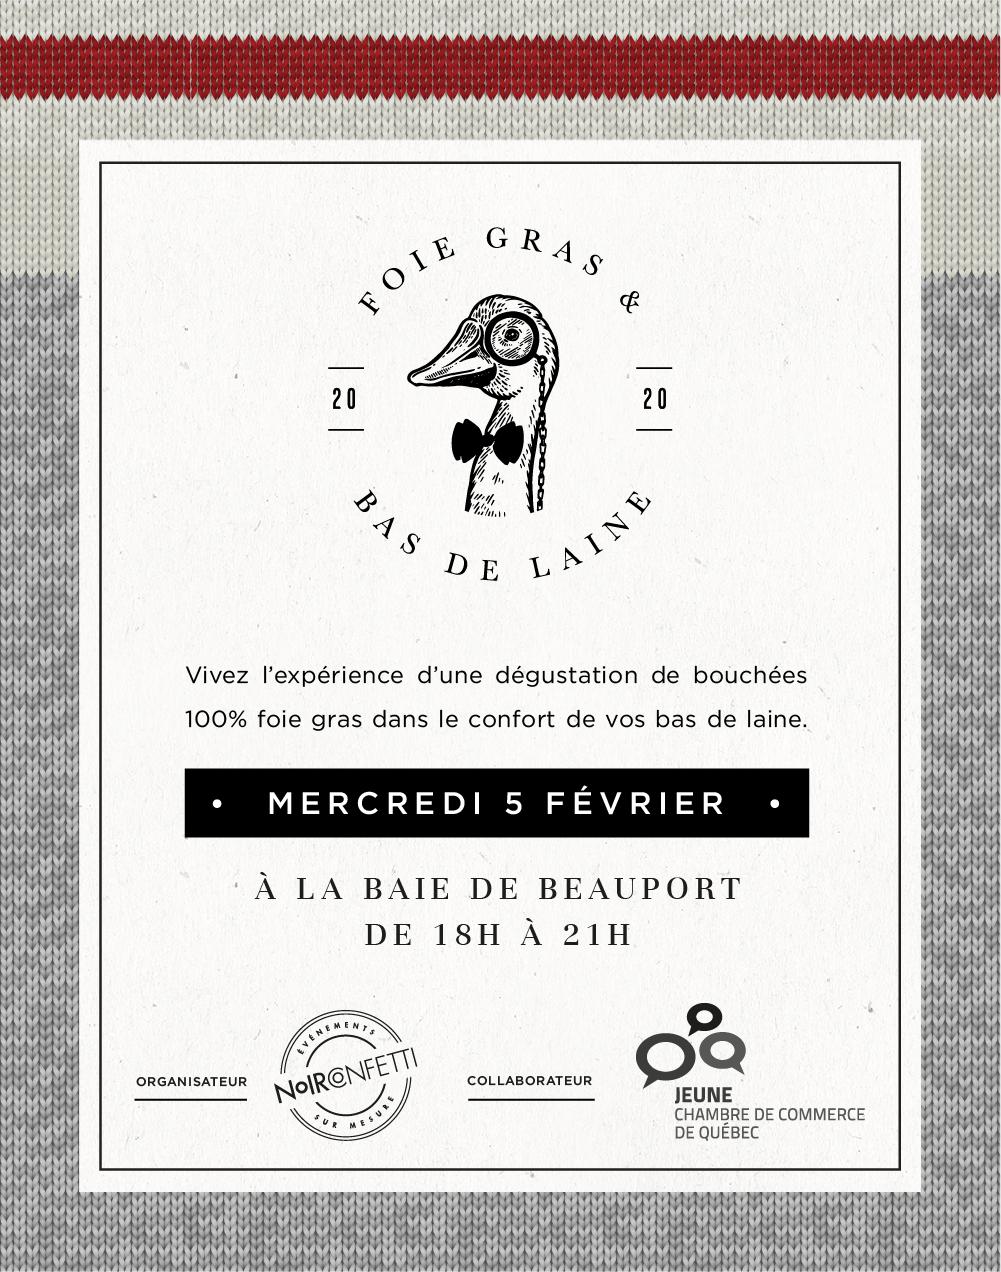 Foie gras et bas de laine